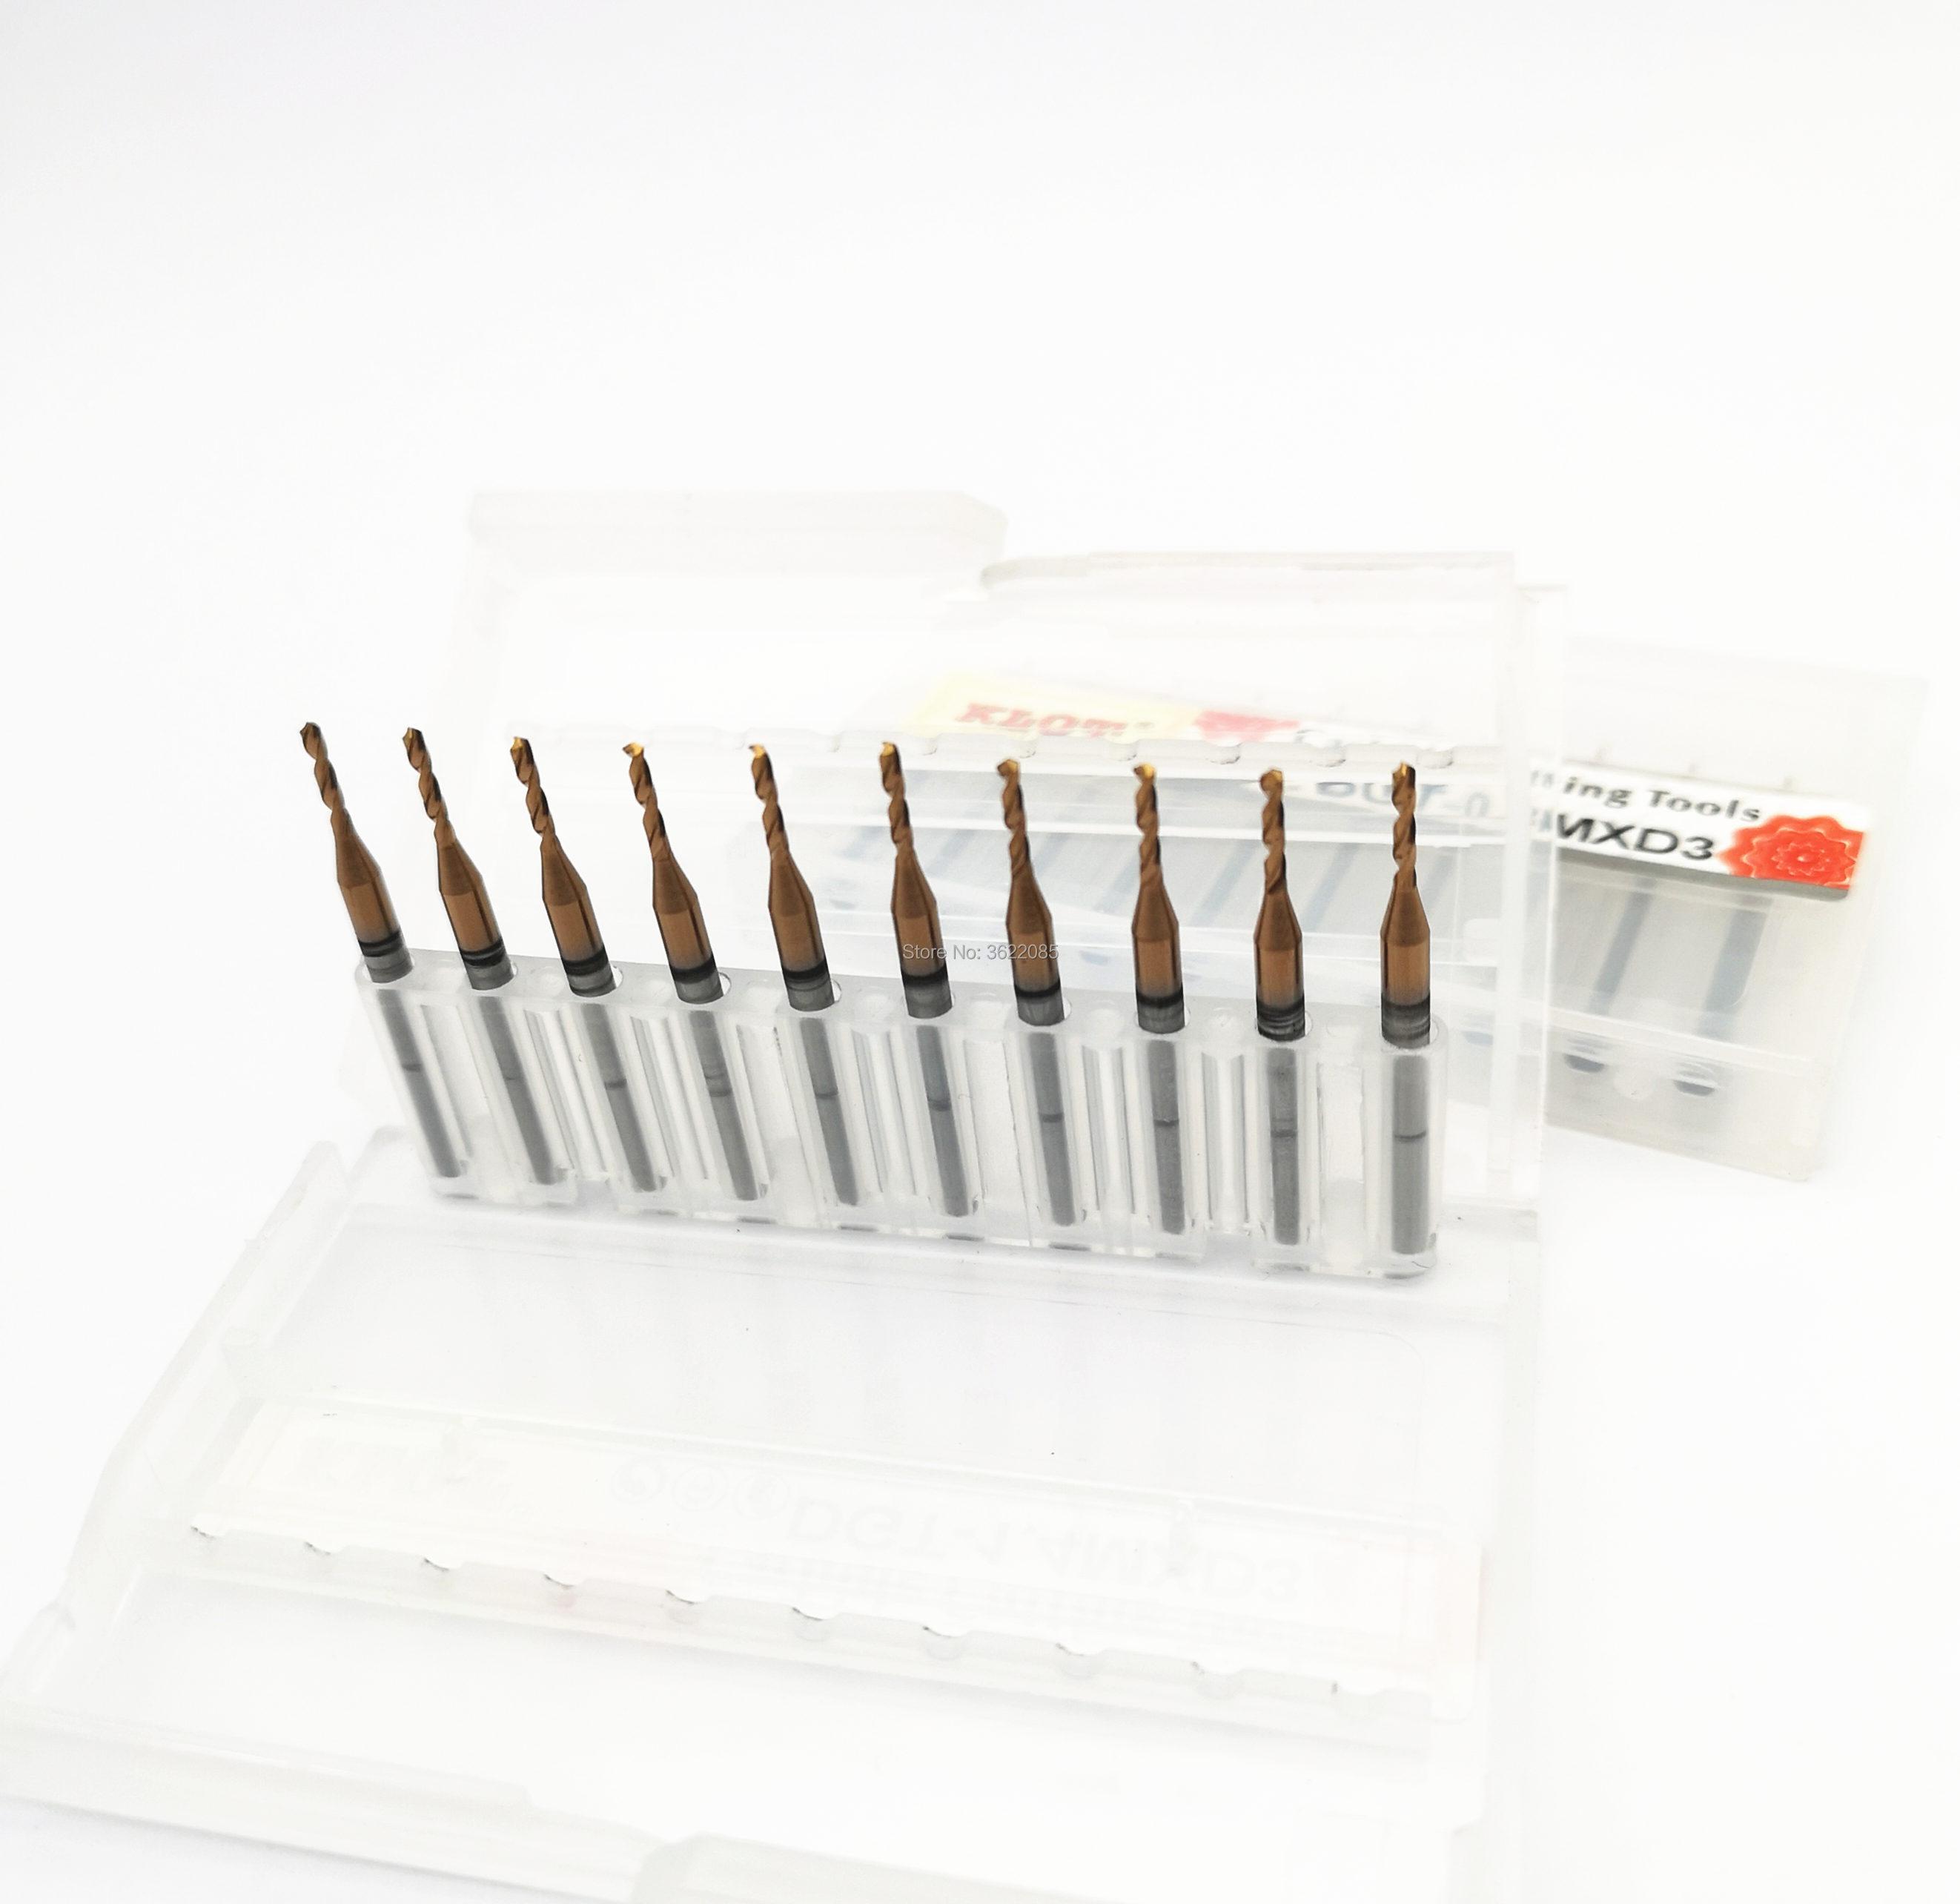 KLOT HRC60 TiCN Coated Solid Carbide Twist Drill Bit Dia 0 3 2 95mm Shank Dia